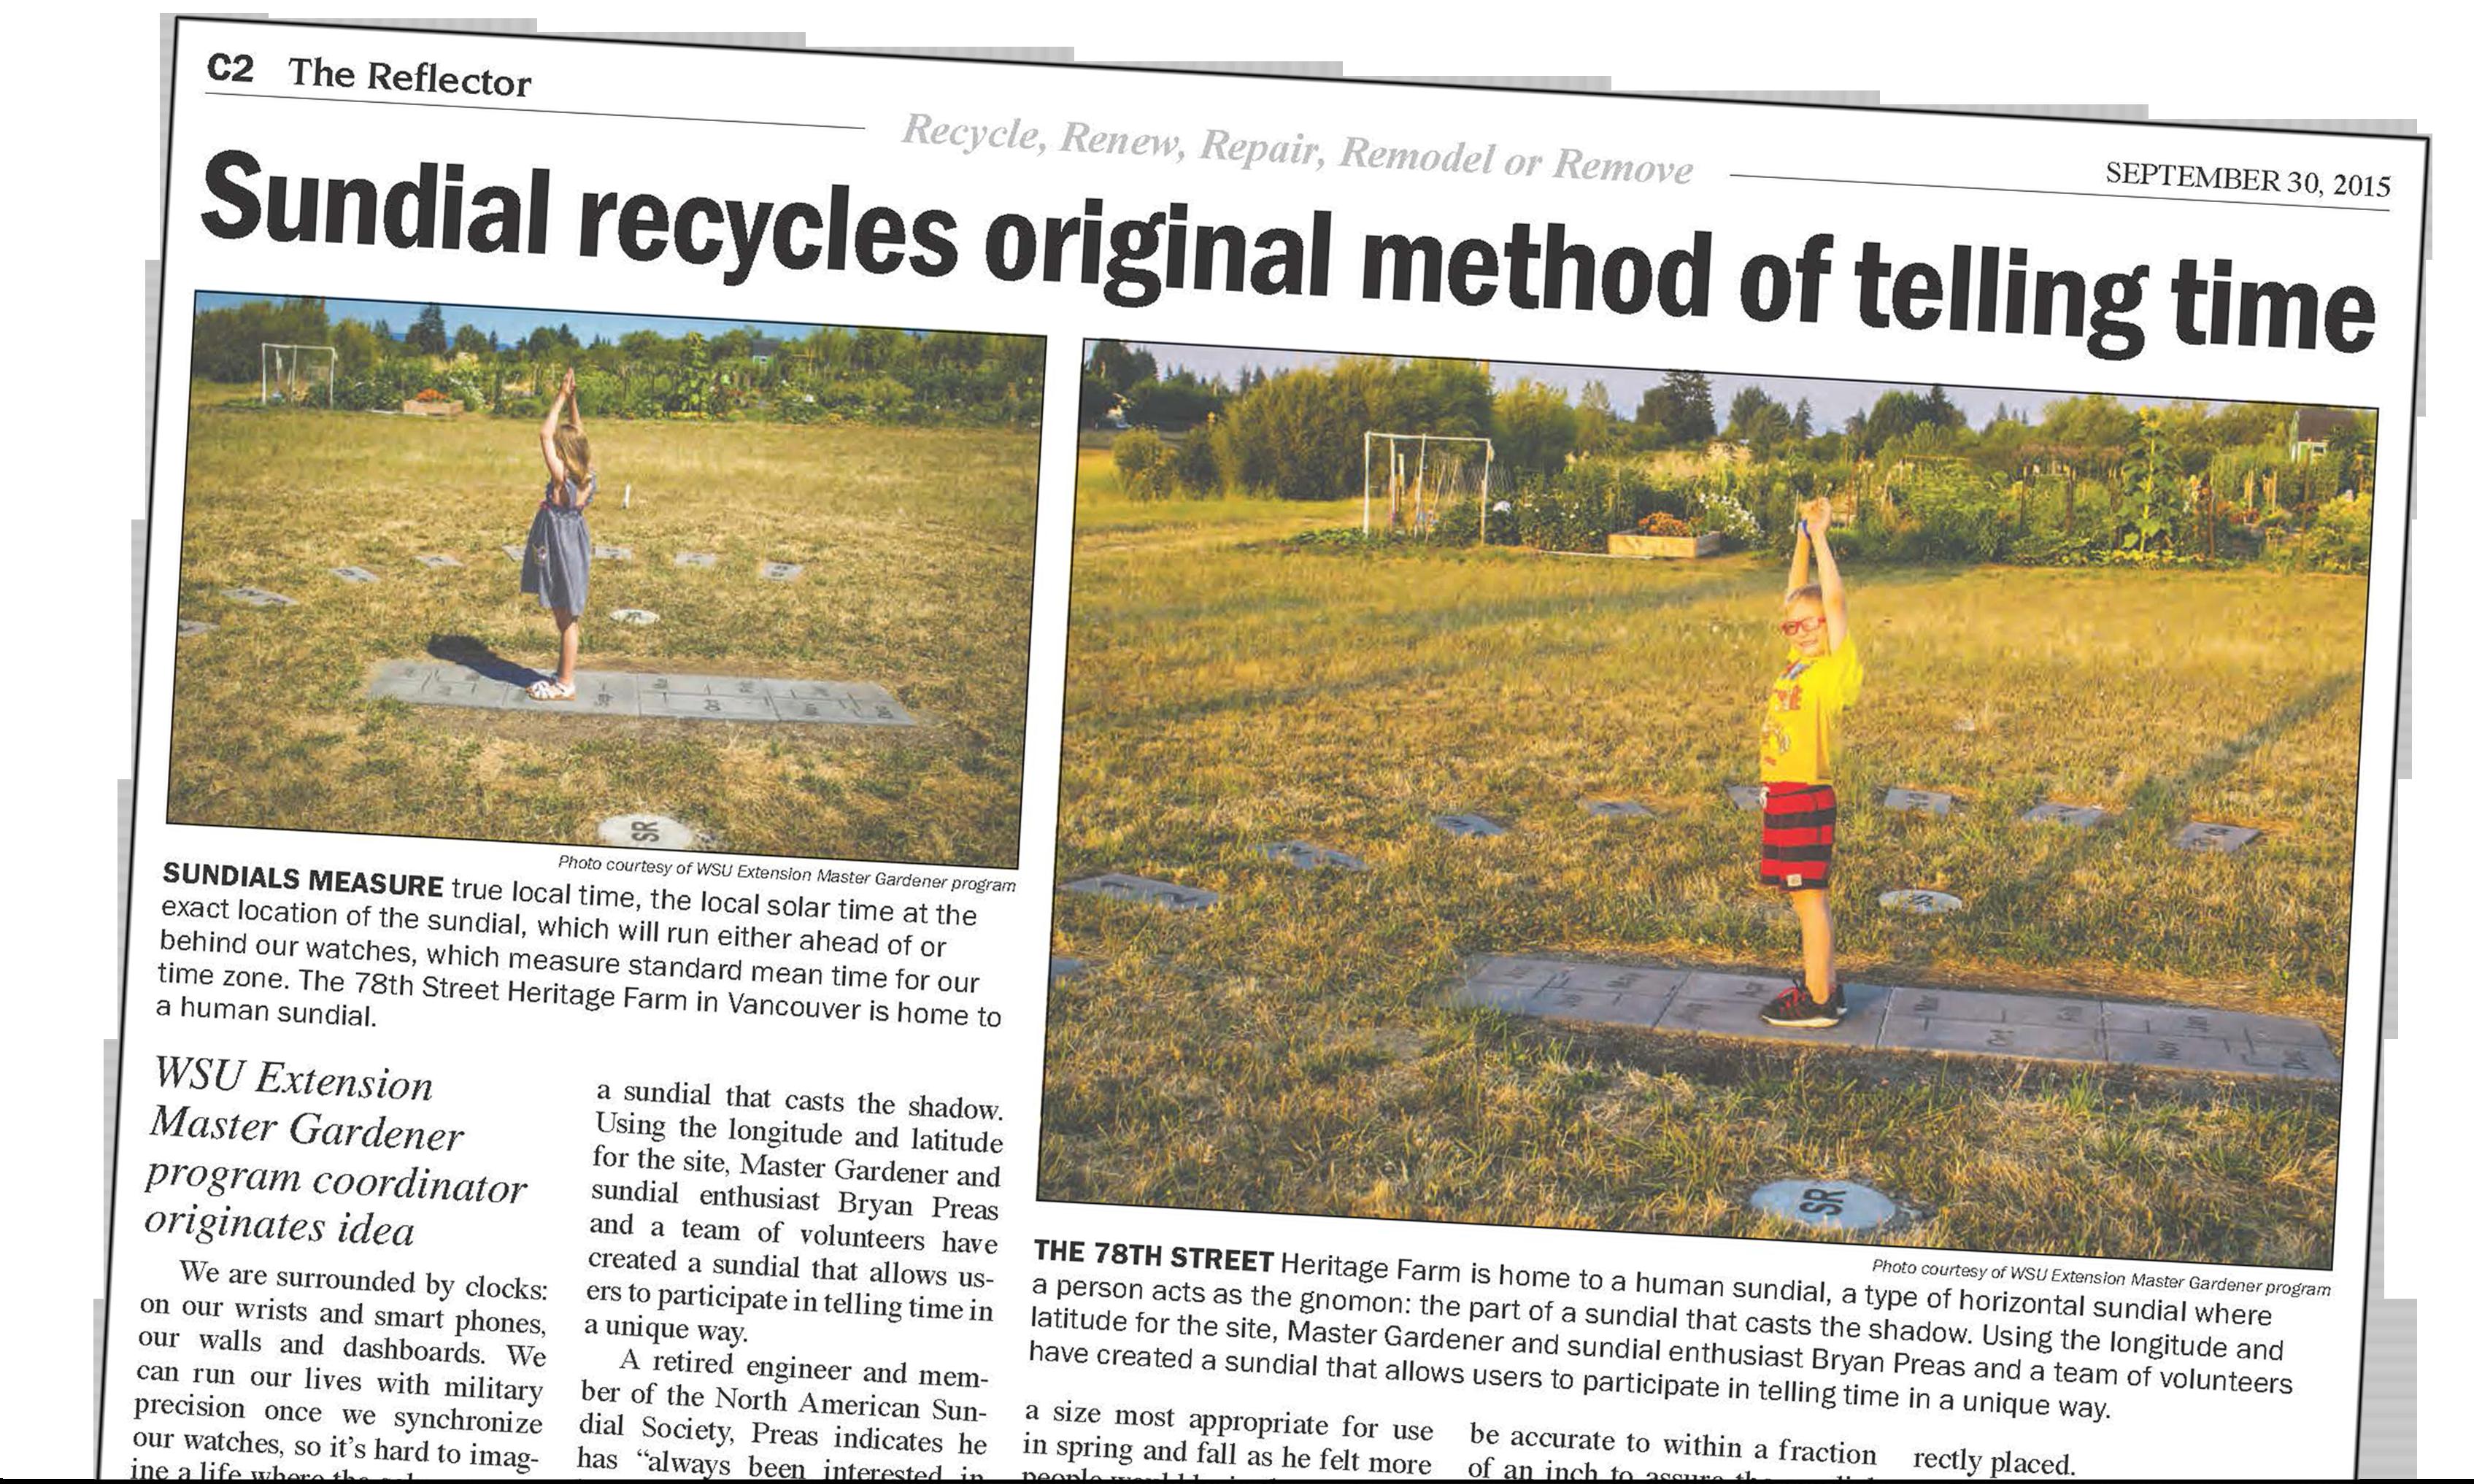 MG news article.